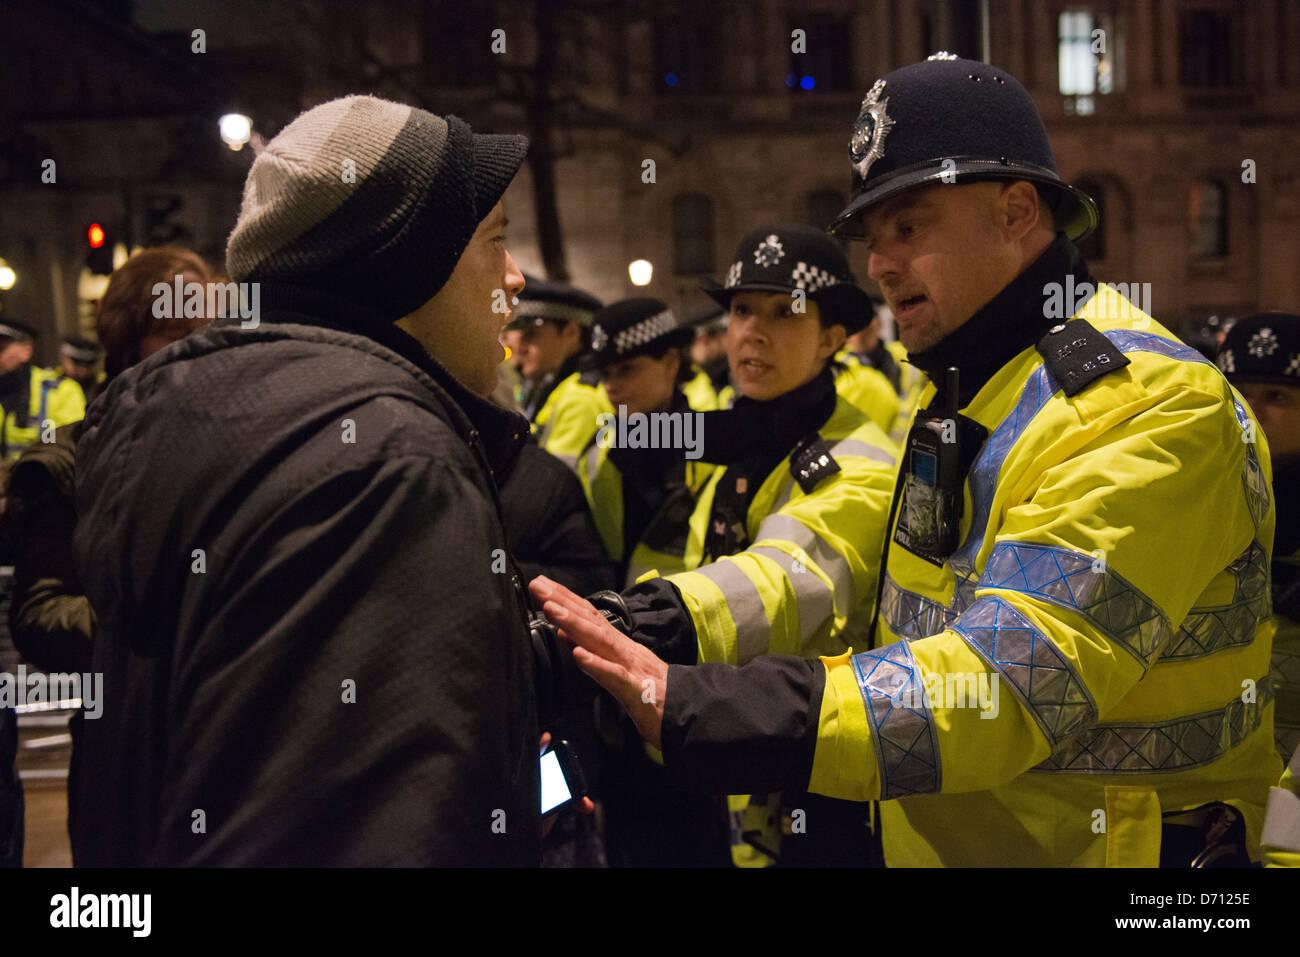 La Metropolitan Police cerca di calmare un manifestante che si sente di essere trattenuto contro la sua volontà Immagini Stock